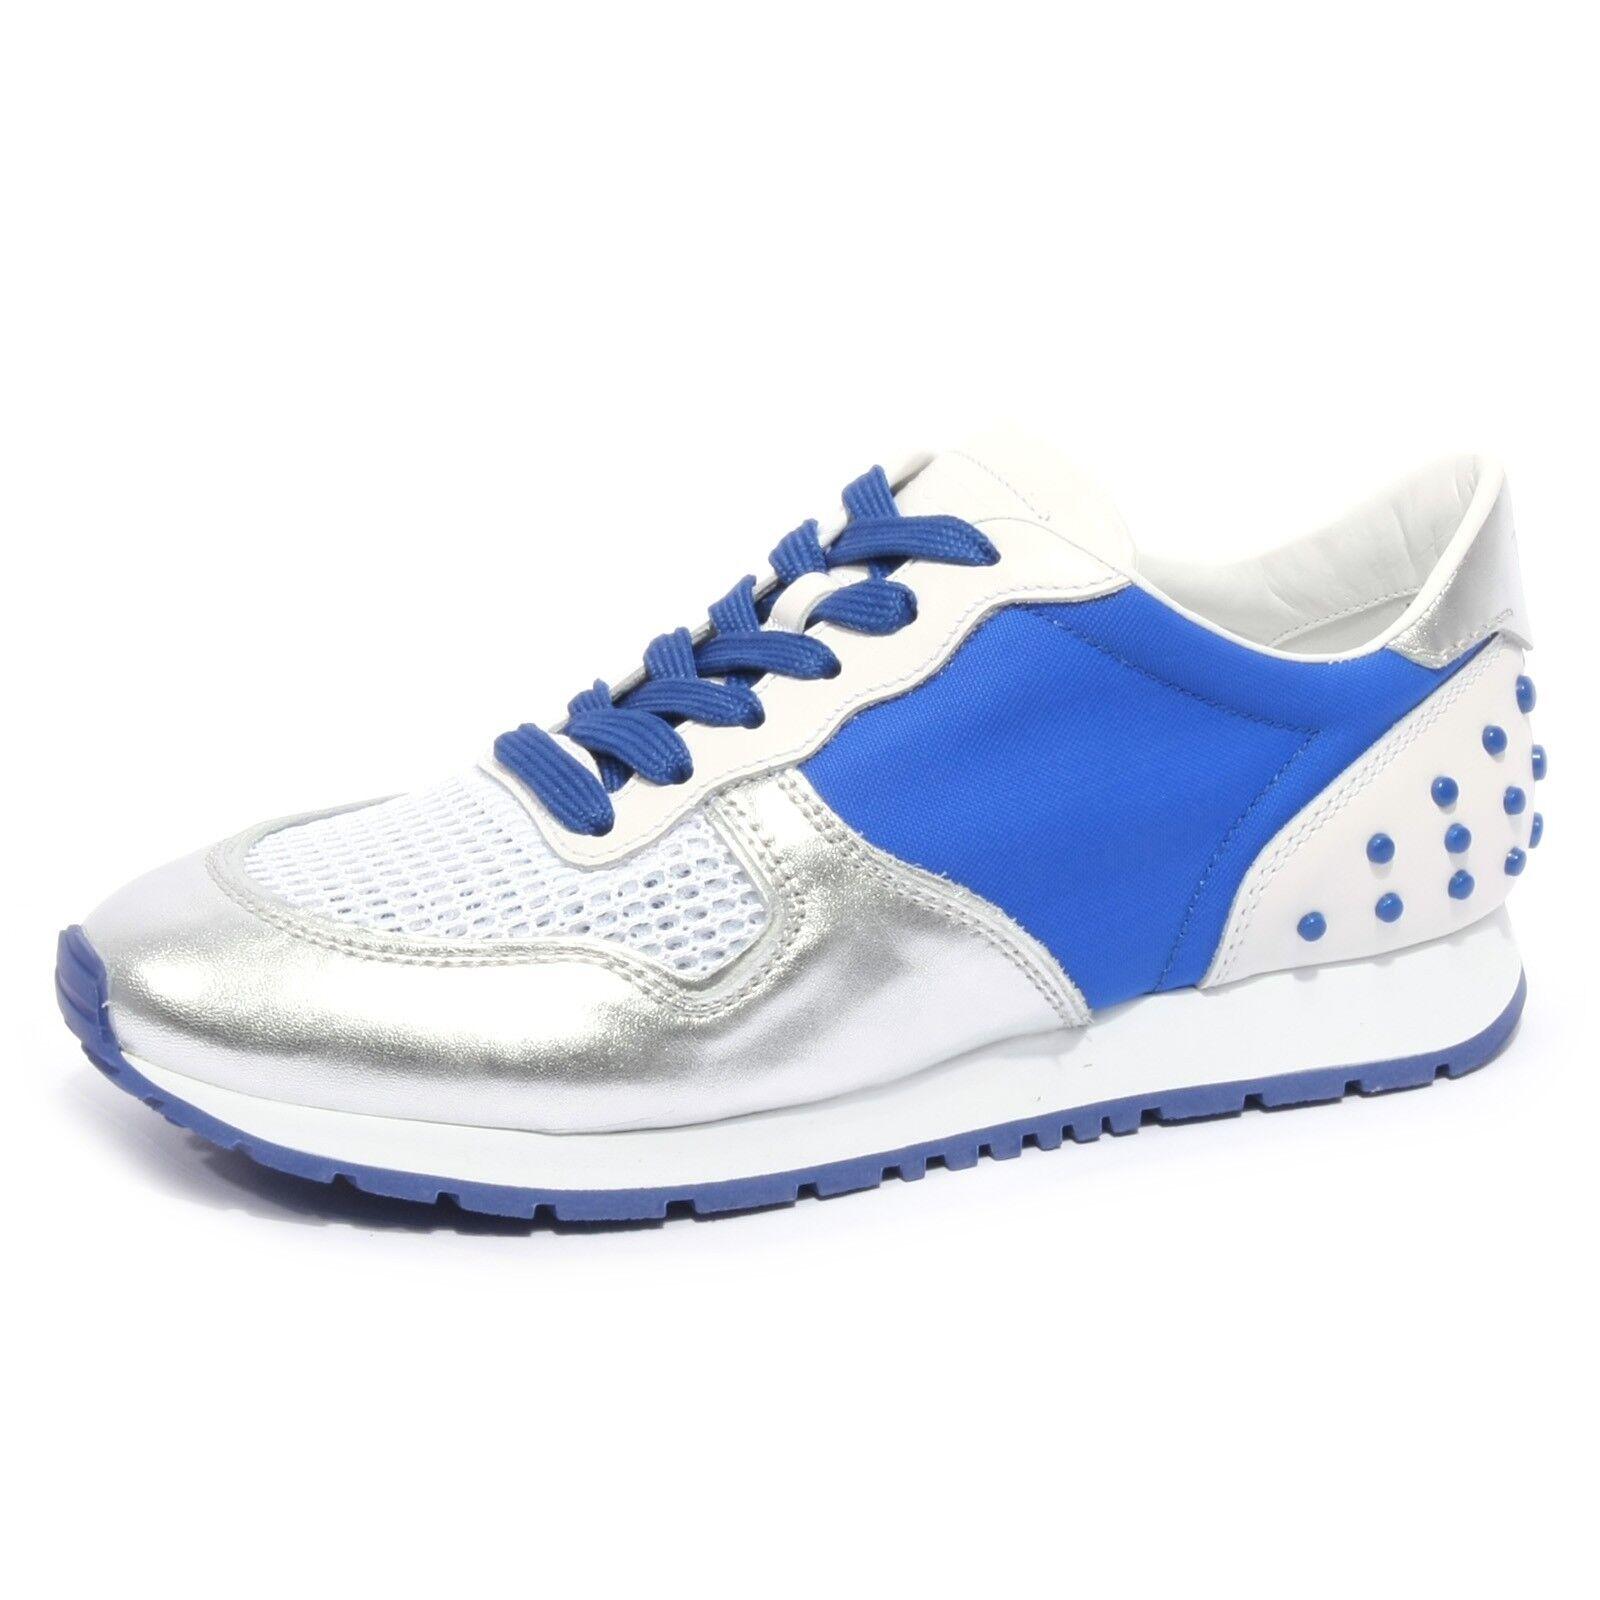 B1974 donna scarpe da  ginnastica TOD'SPORTY Yo Laced argento  blu scarpe Woman  consegna gratuita